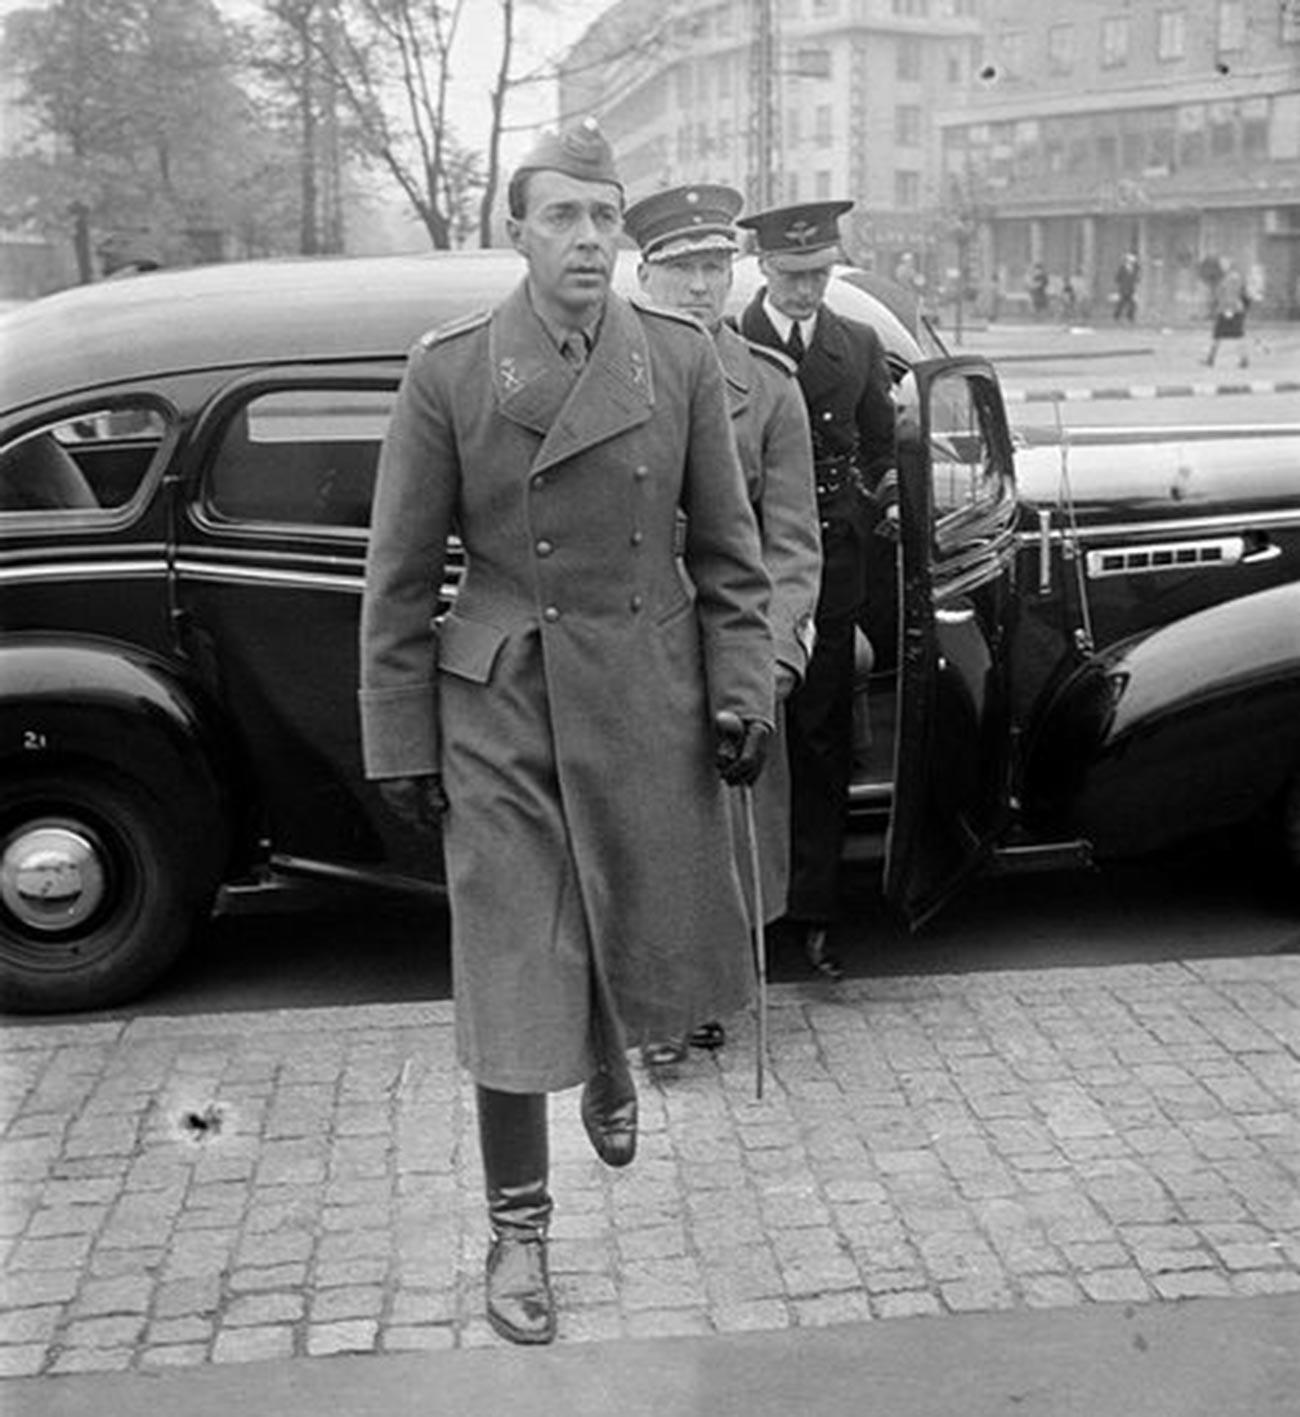 Švedski prestolonaslednik Gustav Adolf med obiskom sejma vojaških trofej v razstavnem salonu. Francija, 8. oktobra 1941